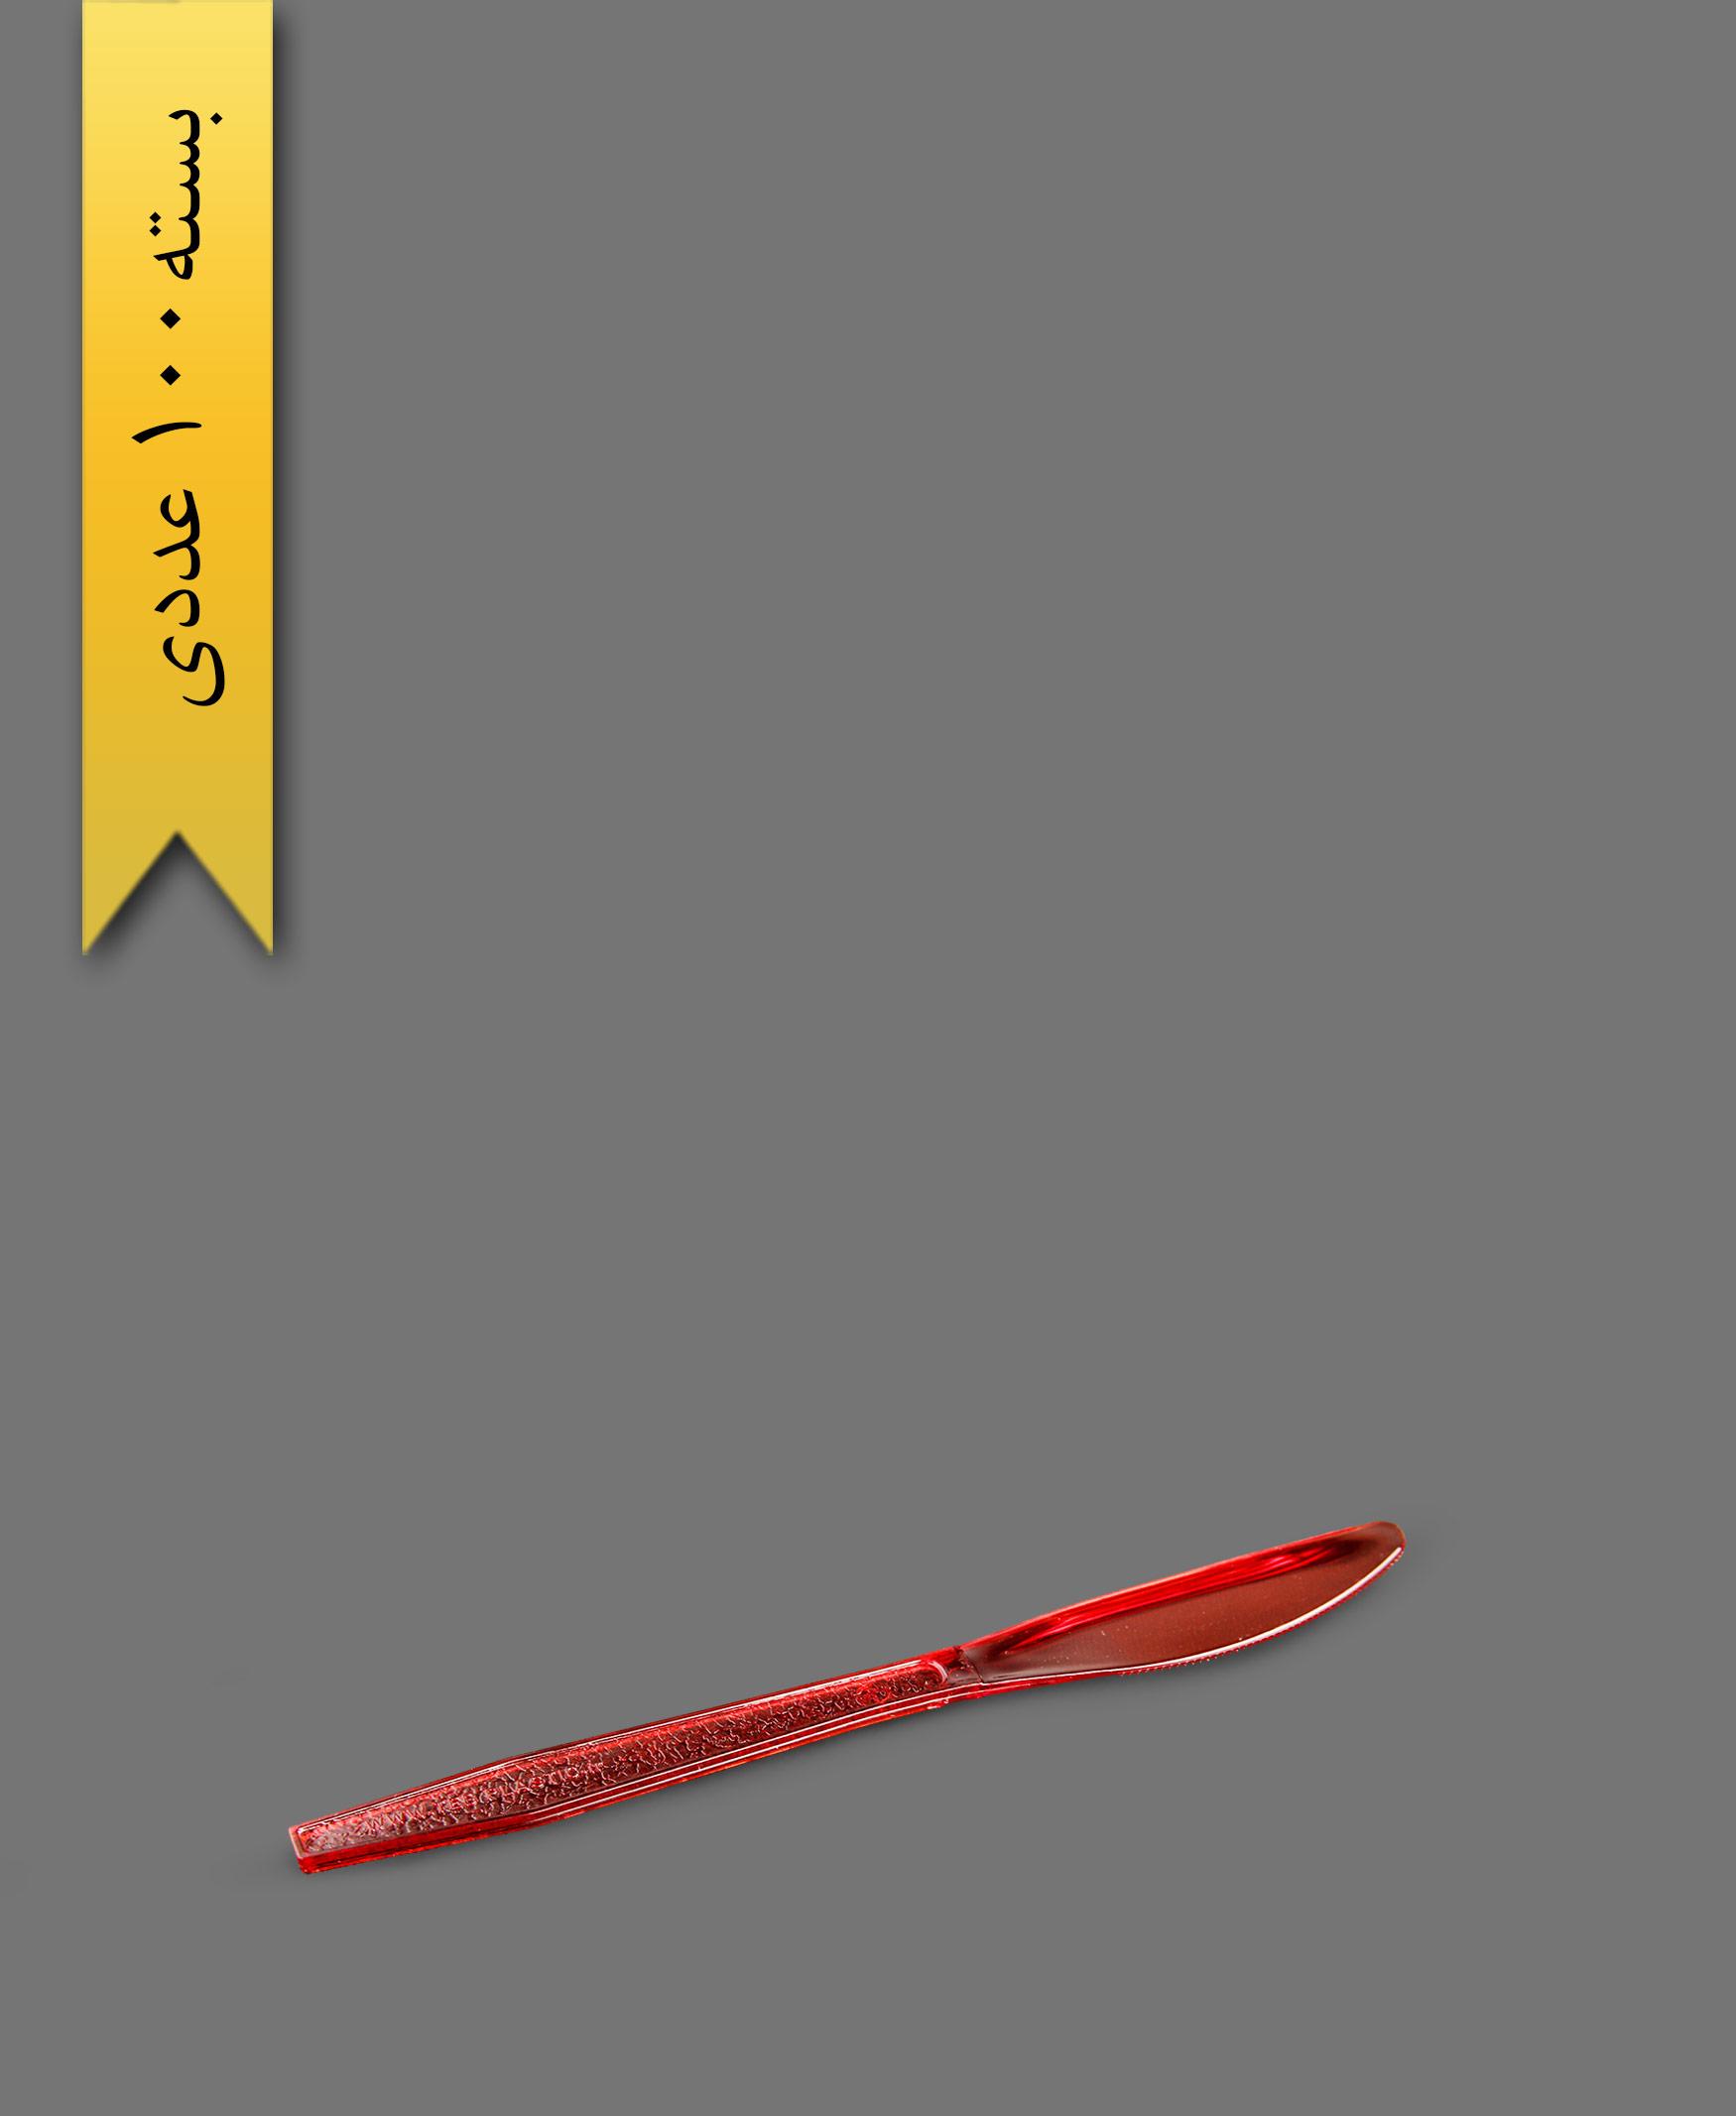 کارد لدرلی قرمز - ظروف یکبار مصرف طب پلاستیک